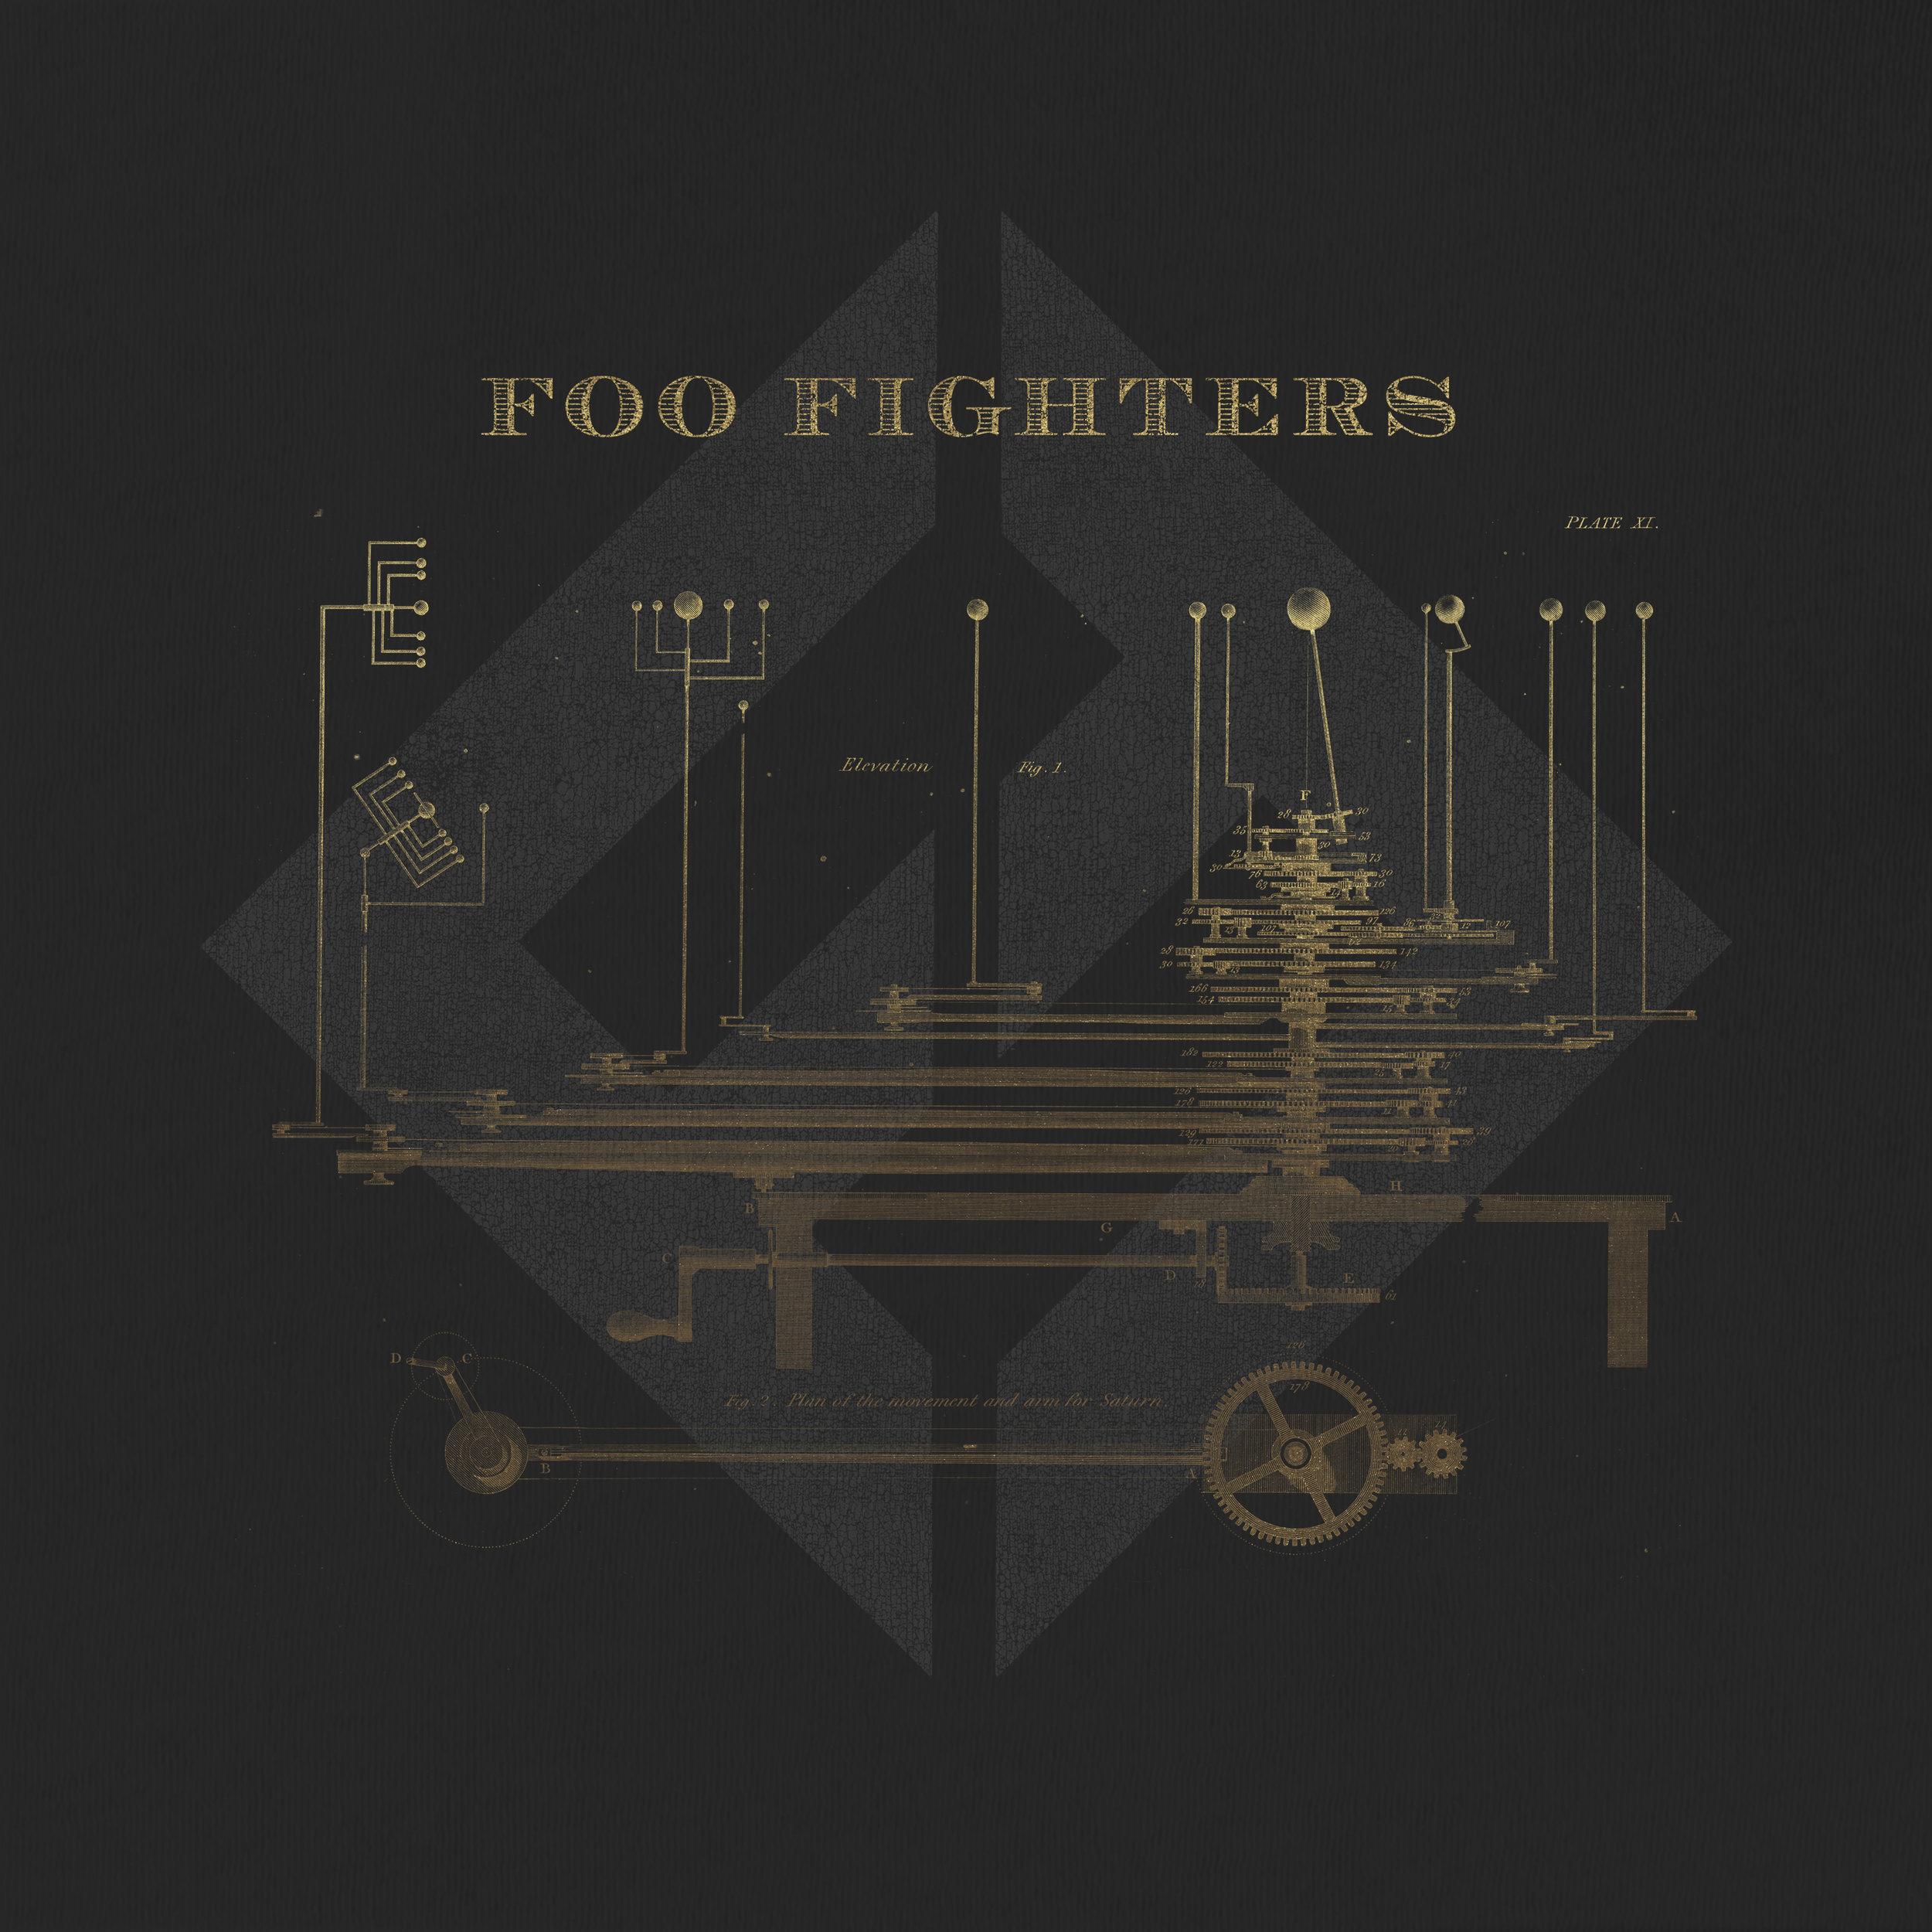 foo-fighters-orrey.jpg